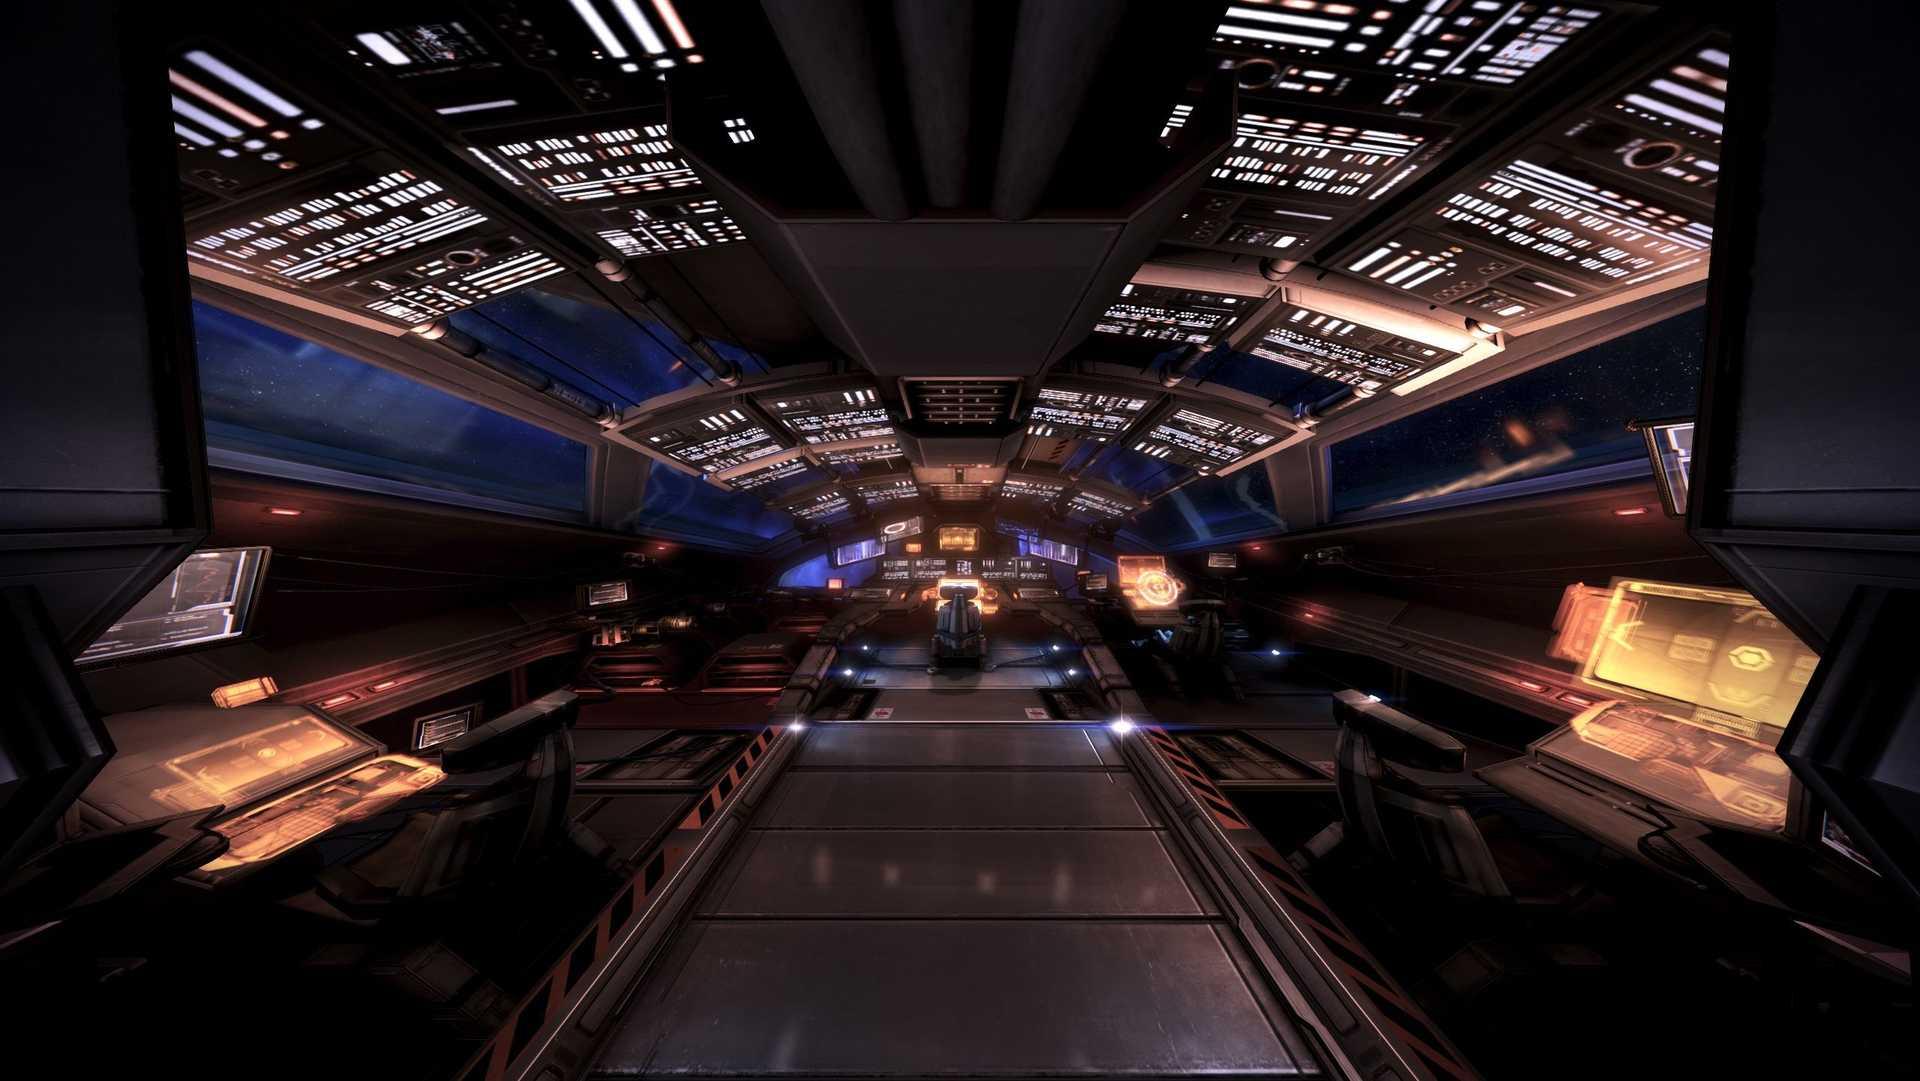 Wallpapers Fond D Ecran Pour Mass Effect 3 Pc Ps3 Xbox